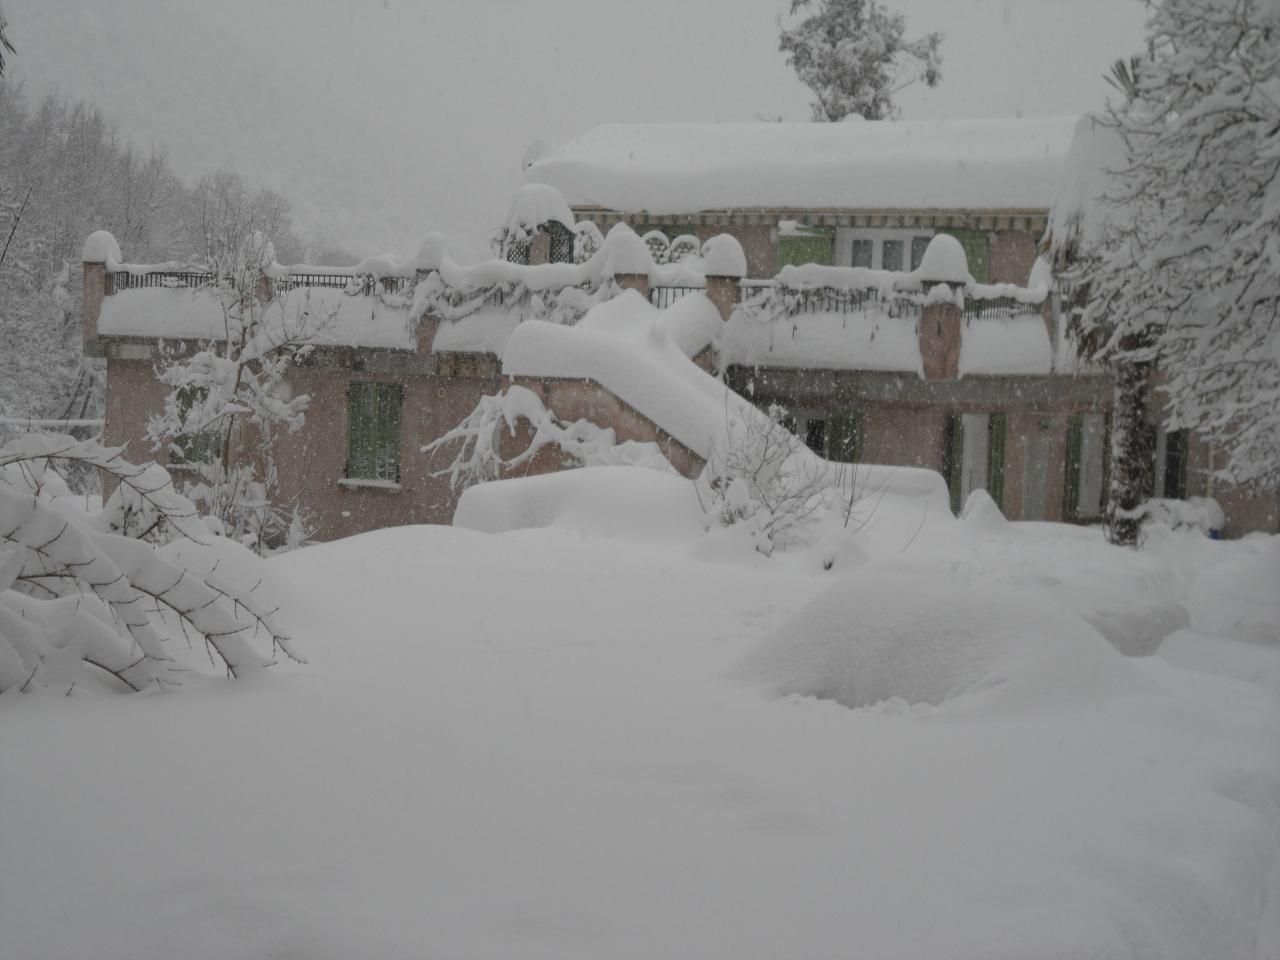 U Vecchju Mulinu sous la neige (2012)